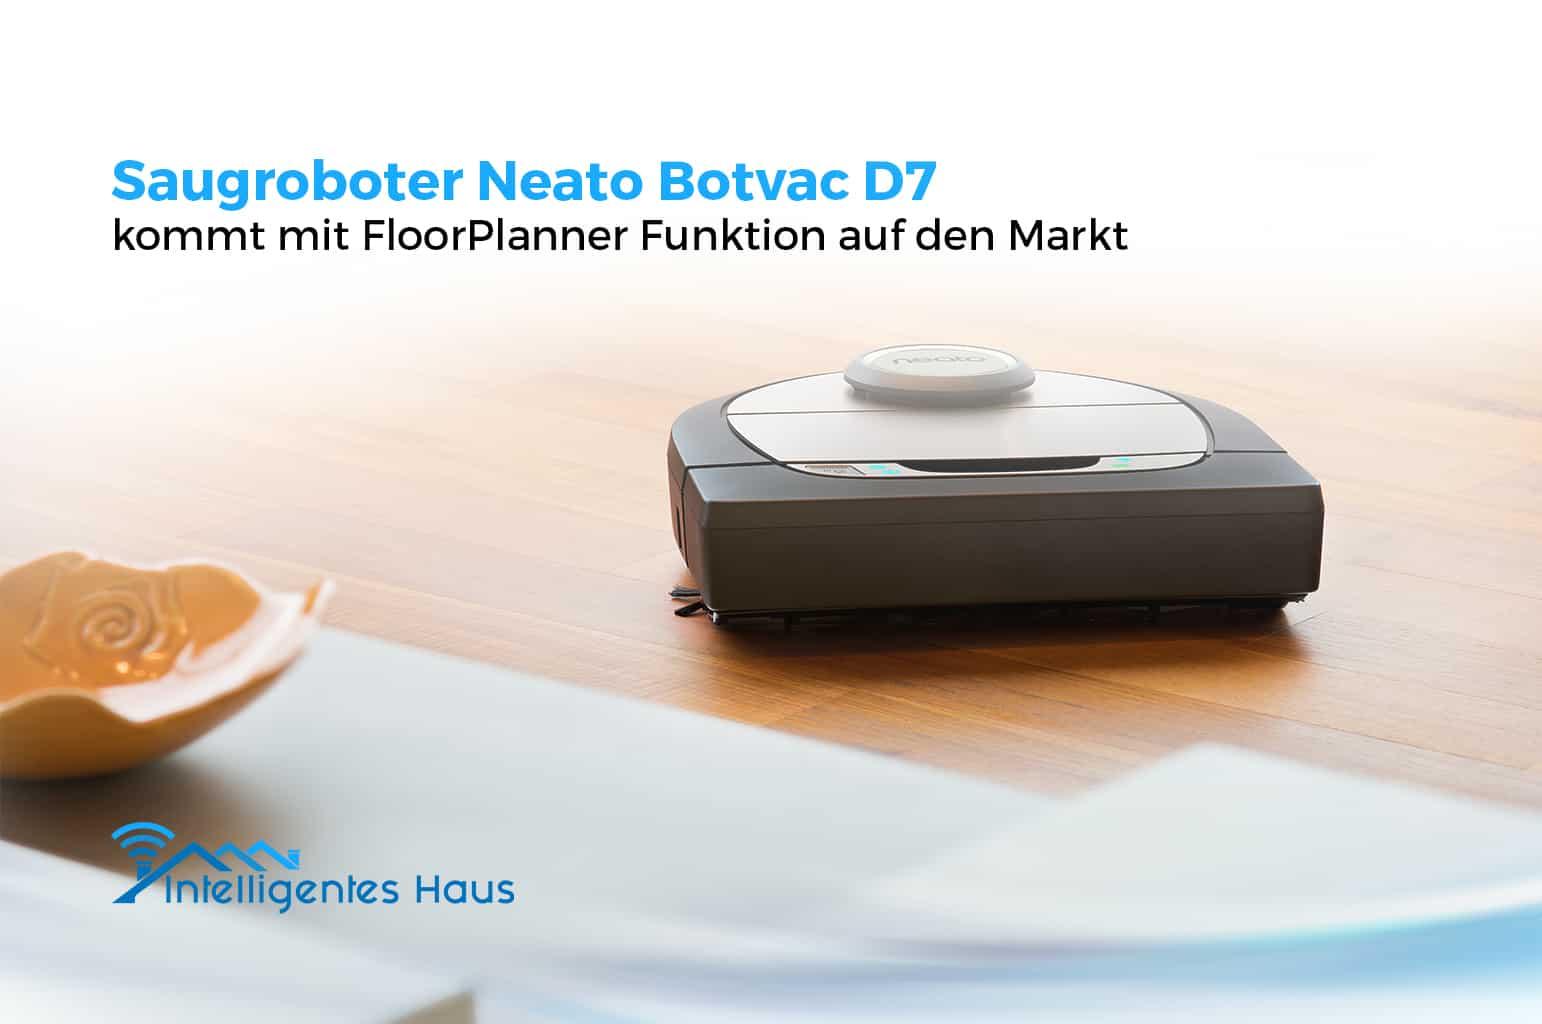 neato botvac d7 saugroboter mit kartierungsfunktion jetzt im handel. Black Bedroom Furniture Sets. Home Design Ideas